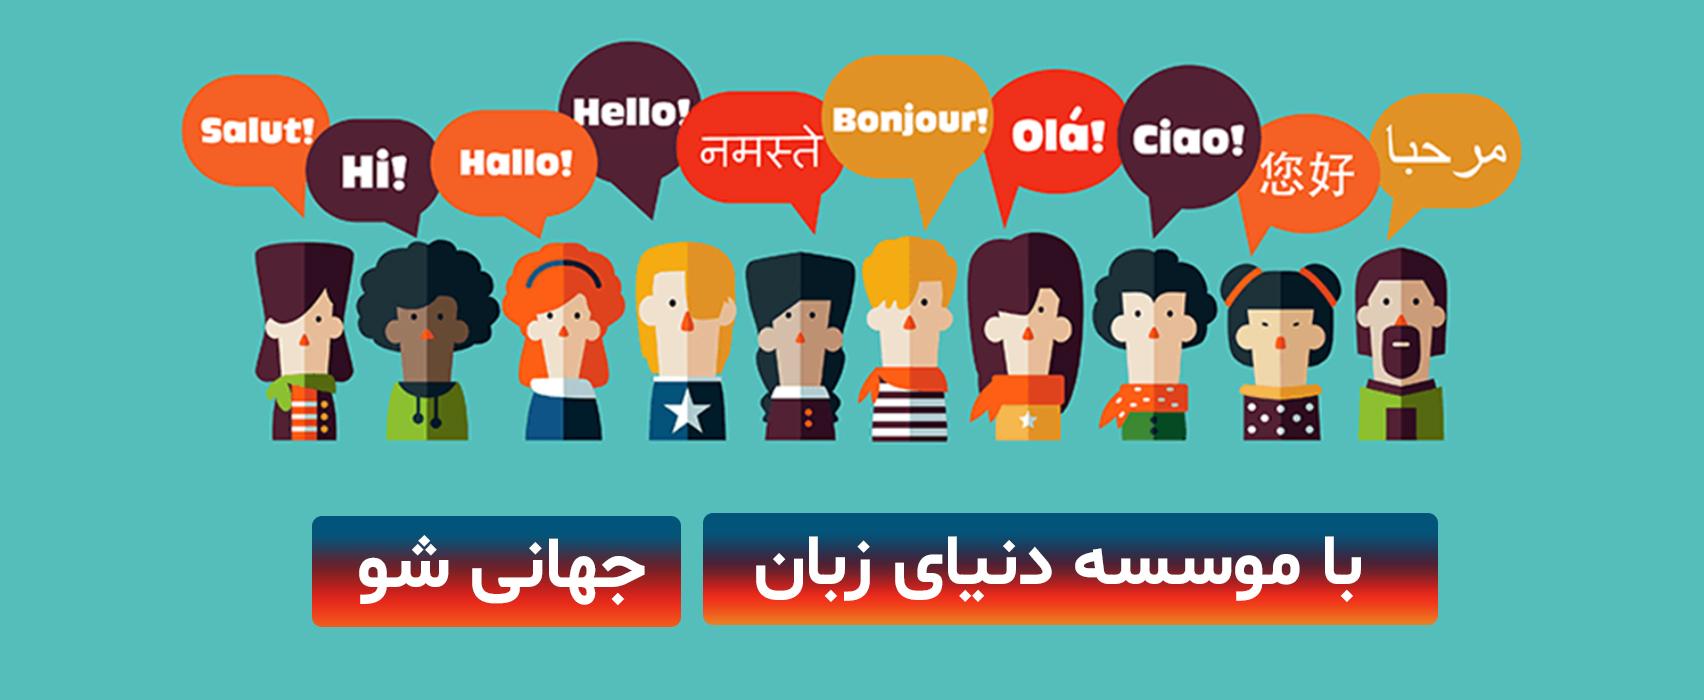 تدریس خصوصی زبان با دنیای زبان